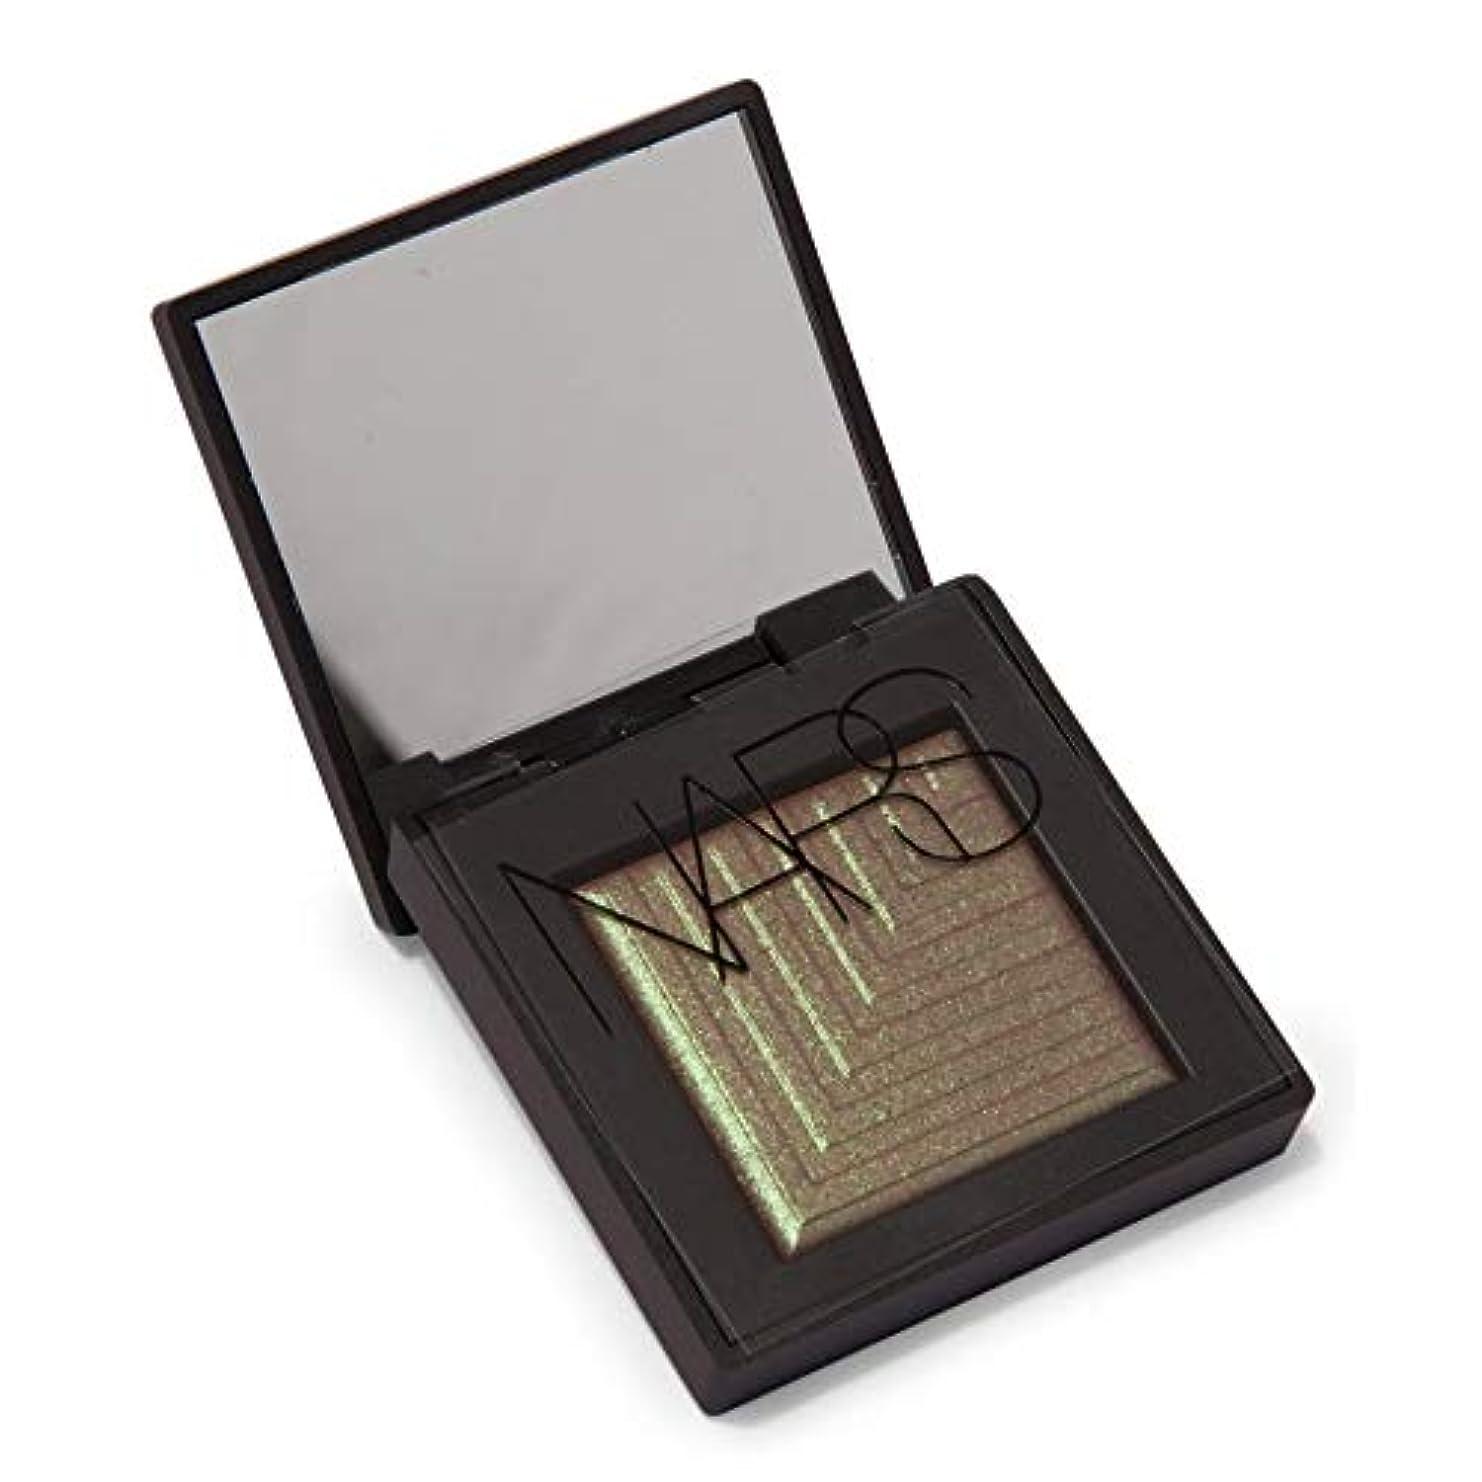 ラジウムメイエラ交換可能[NARS] パシファエでのNarデュアル強度アイシャドウ - Nars Dual-Intensity Eyeshadow in Pasiphae [並行輸入品]